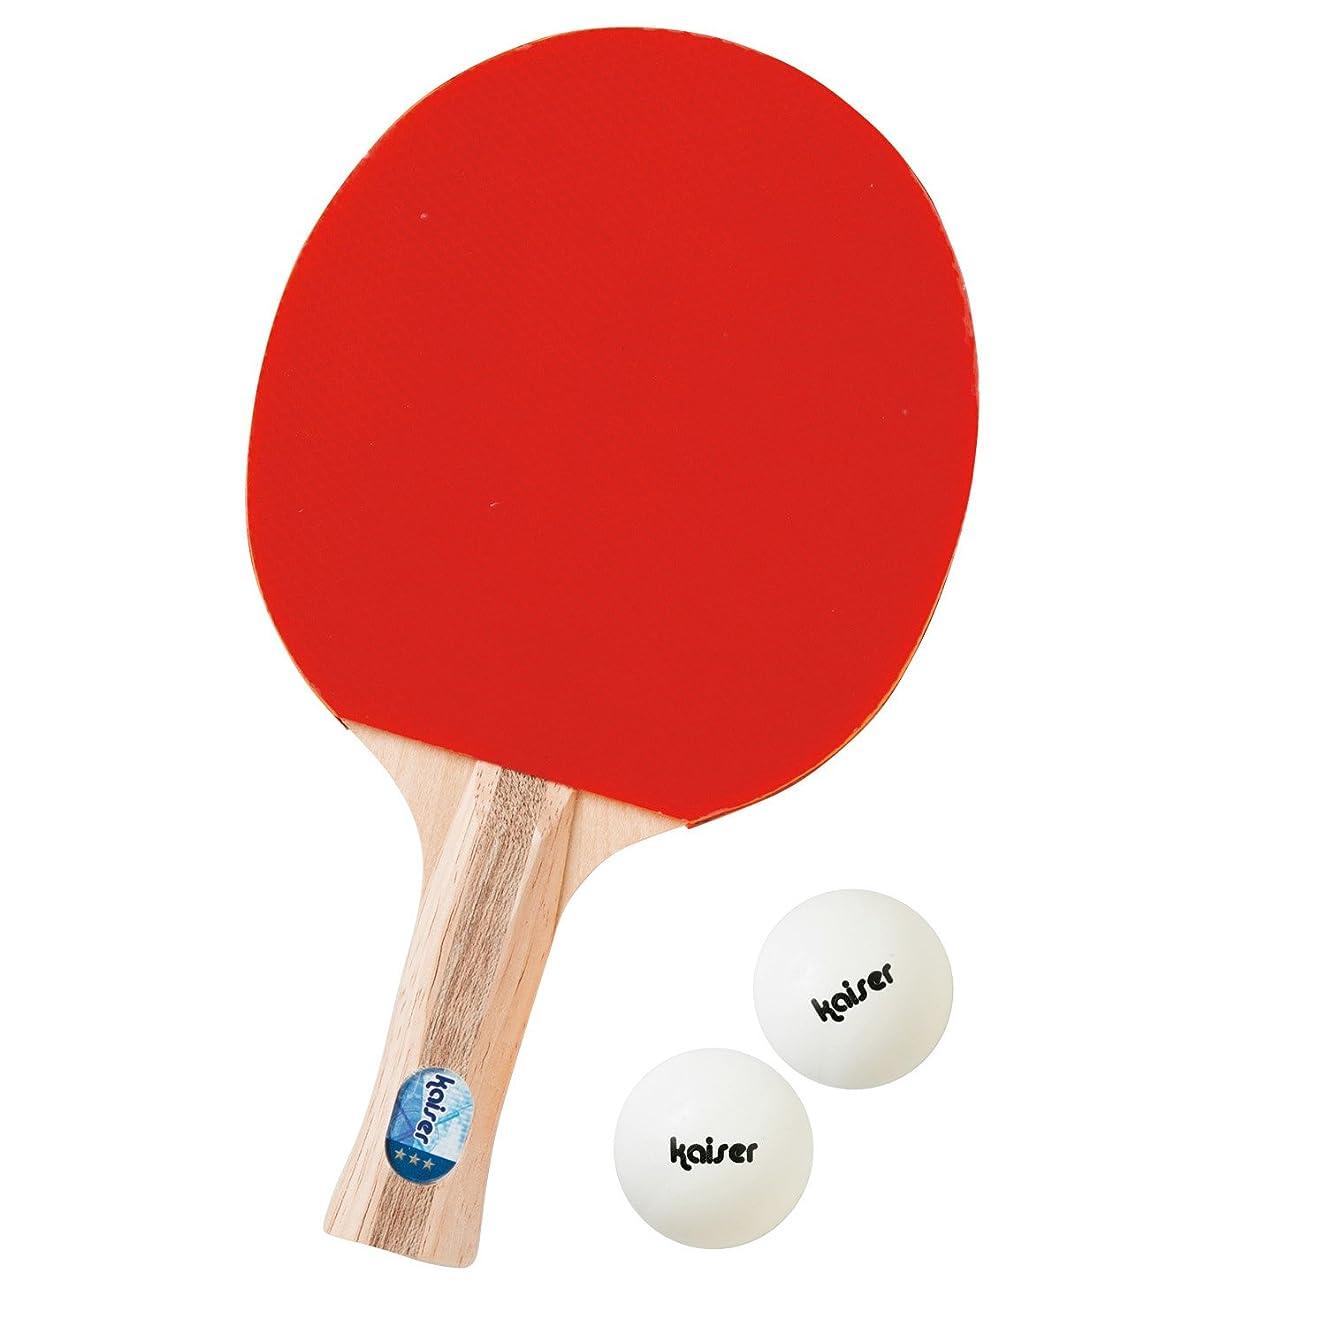 障害者立証する運ぶKaiser(カイザー) 卓球 ラケット ボール付 <ペンホルダー/シェイクハンド> 練習用